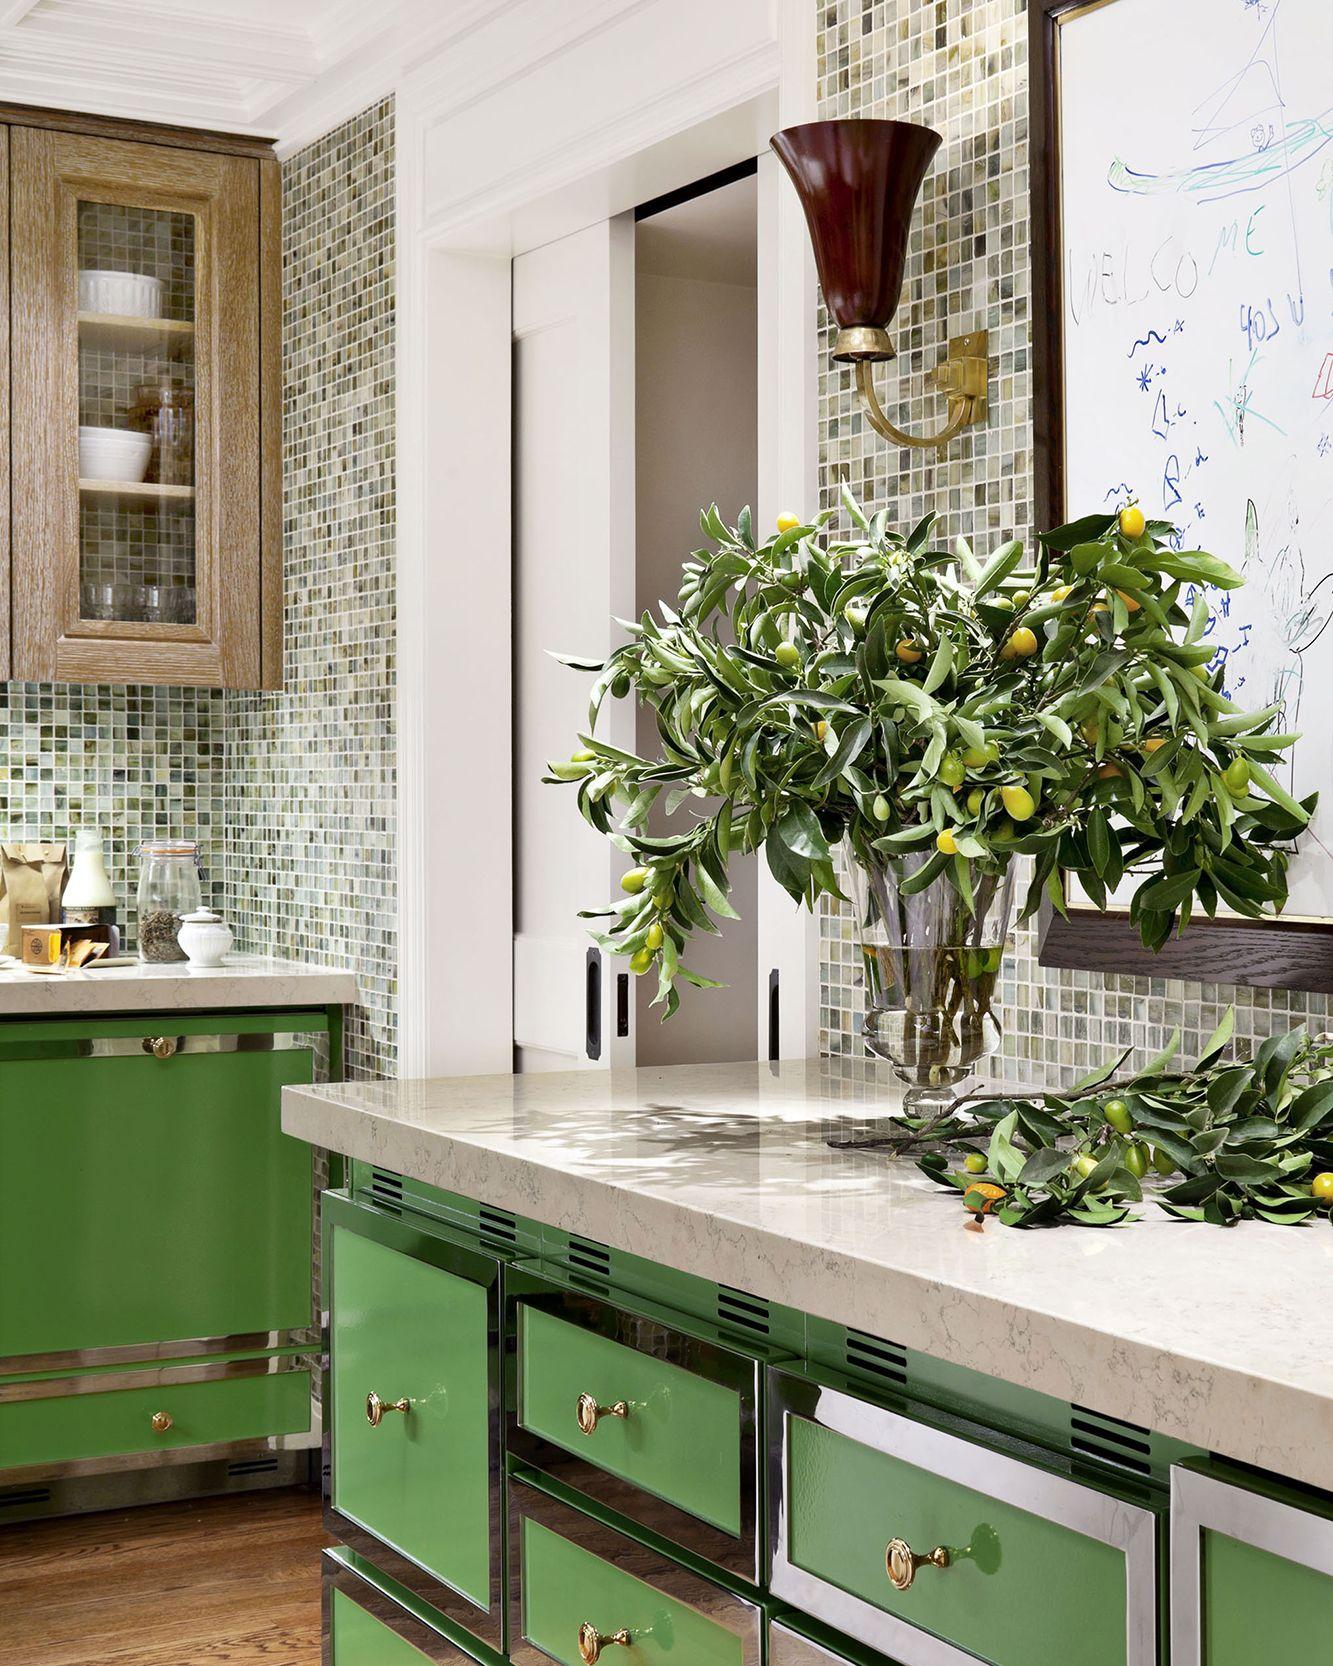 green la cornue cabinets